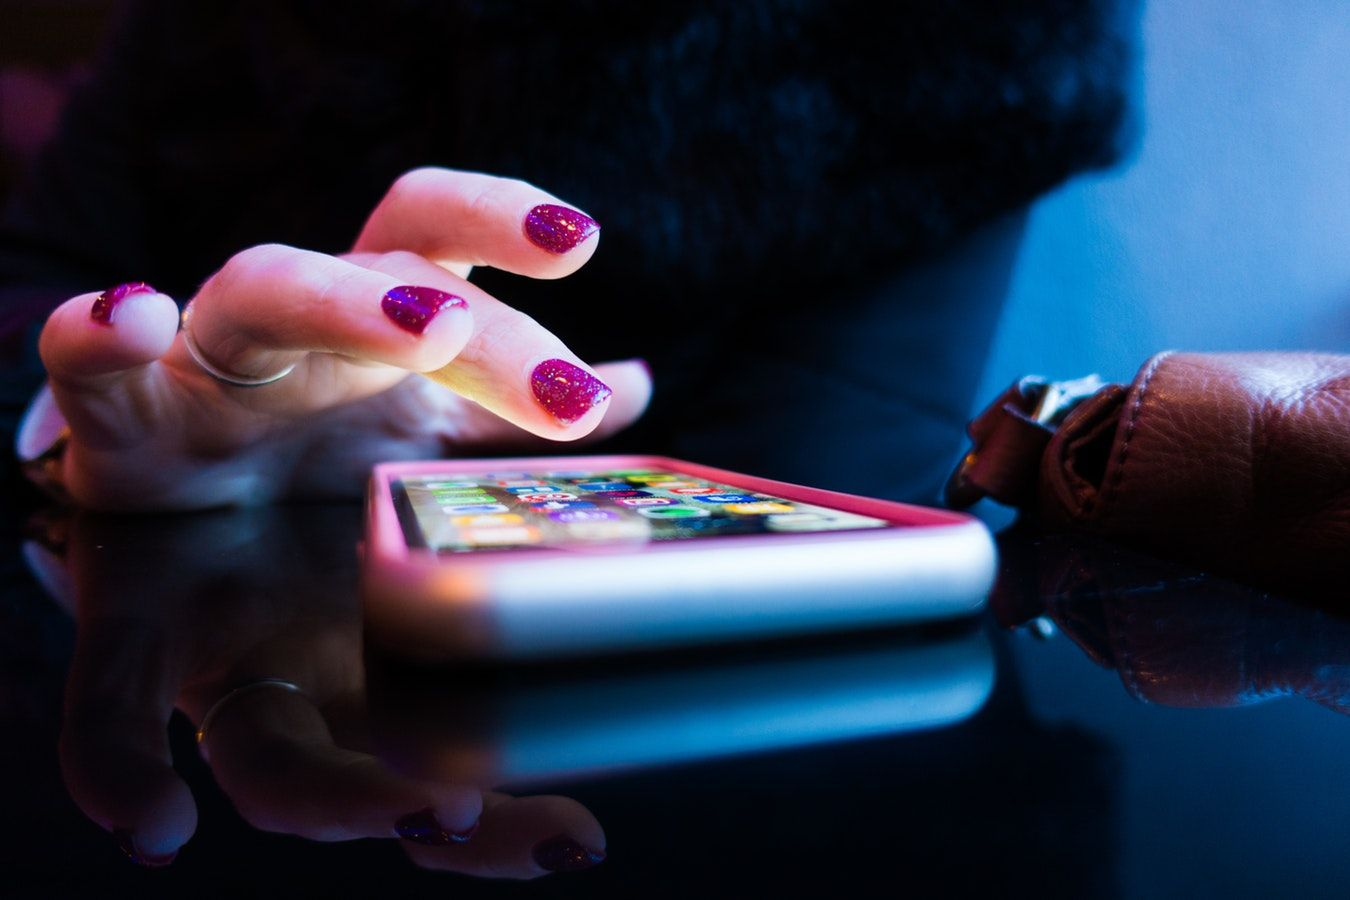 ¿Cómo promocionar una app? La importancia de las campañas 360